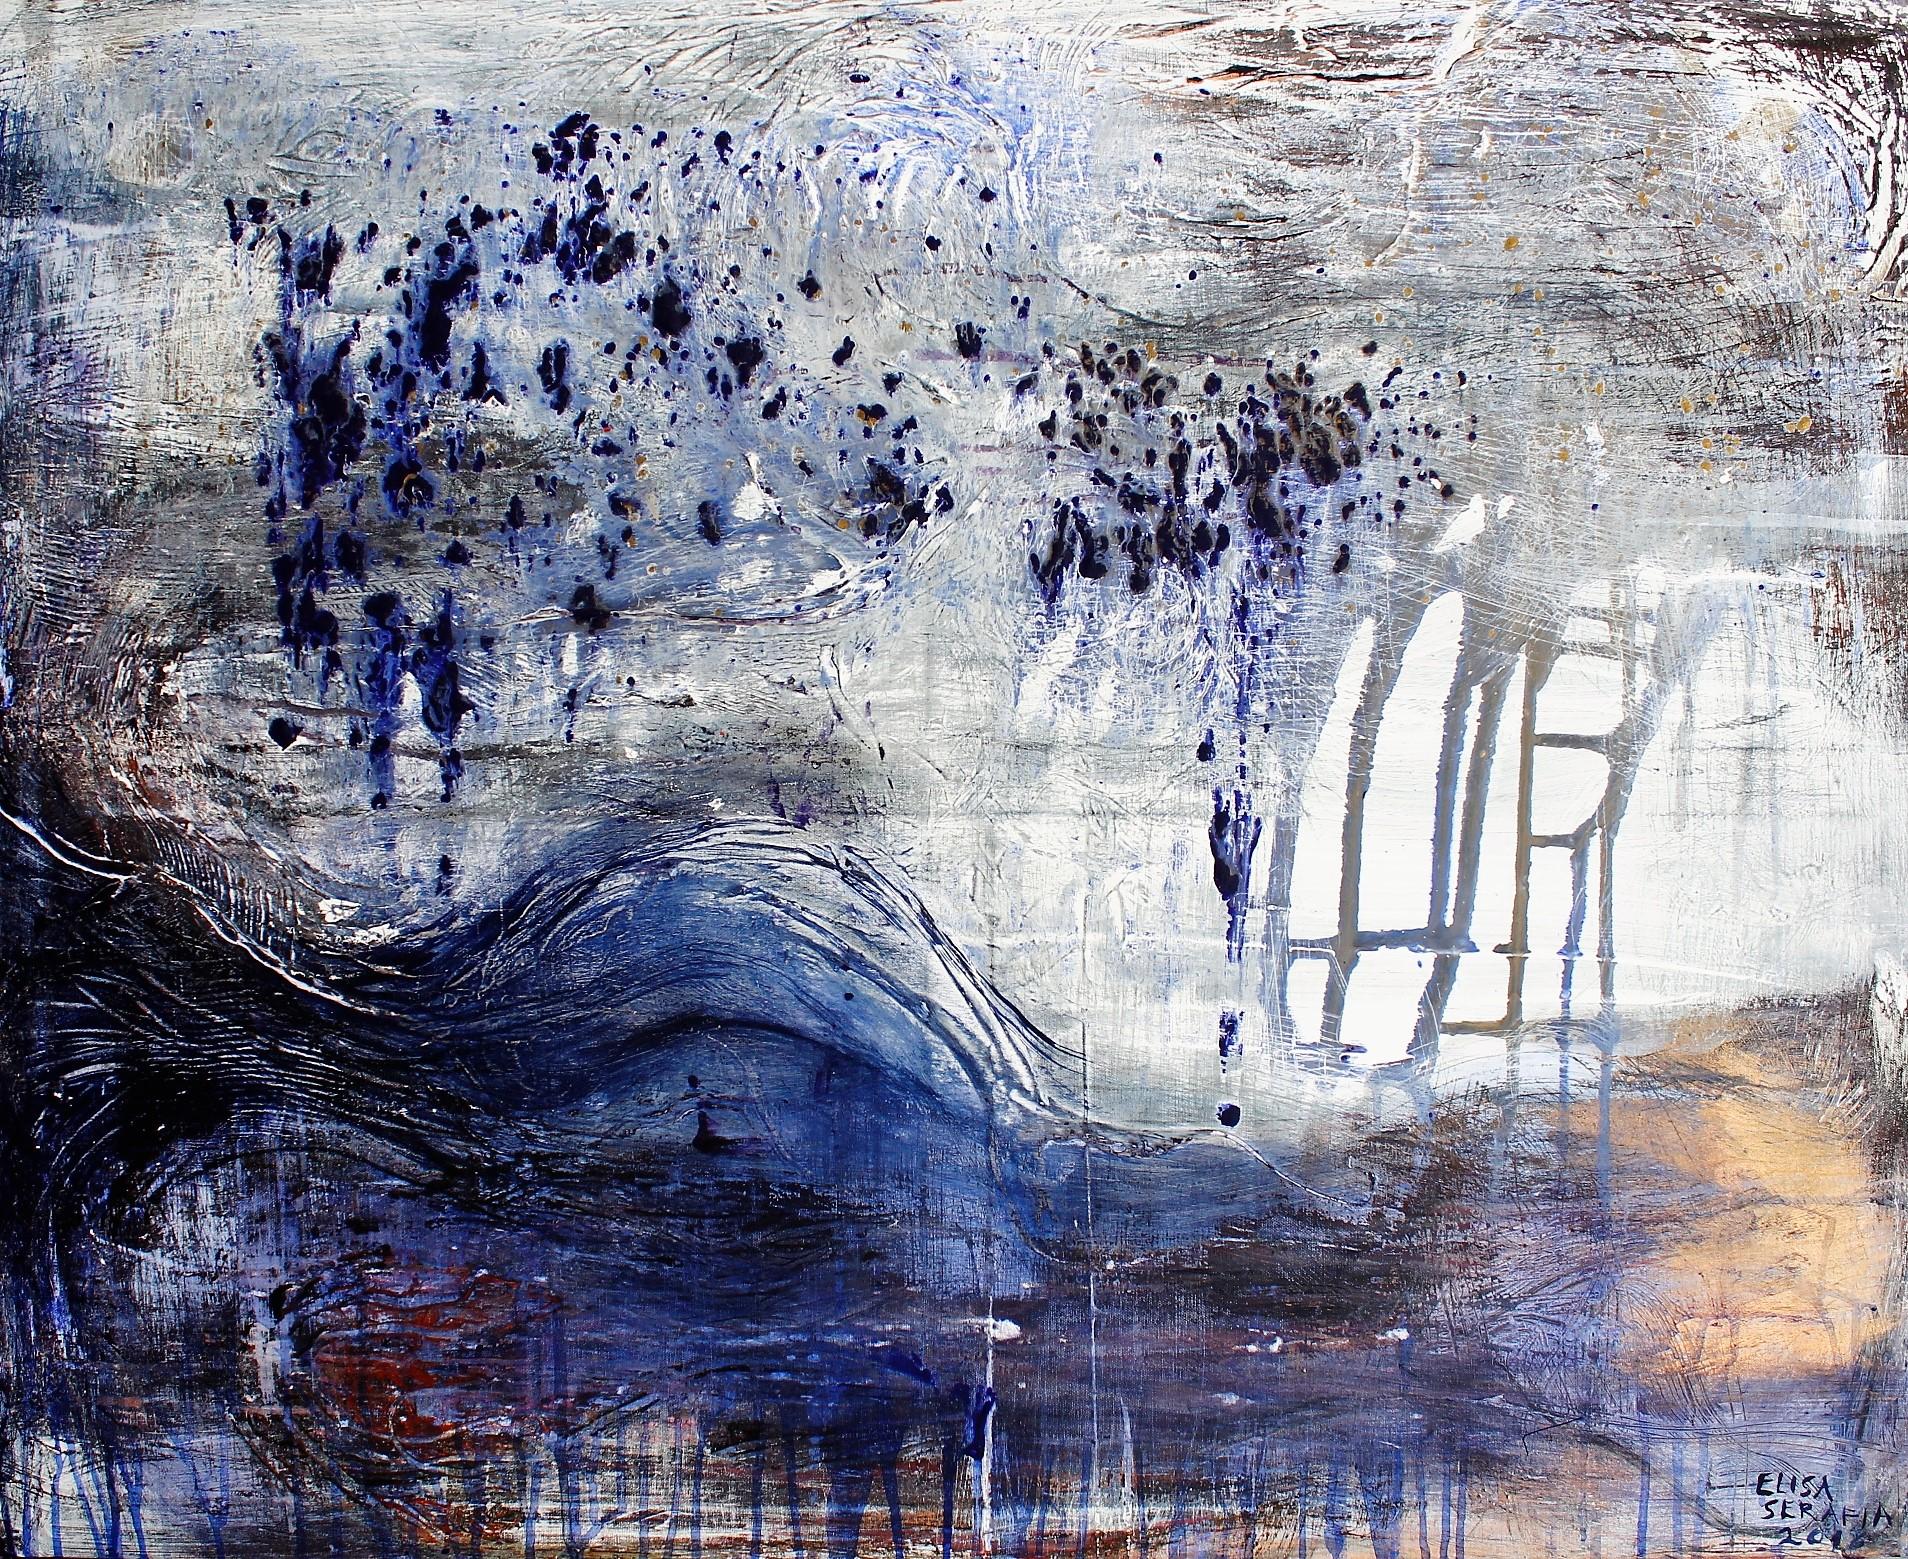 Hallan huurteessa kaiut, Akryyli kankaalle, 100 cm x 80 cm  Myyty/Sold